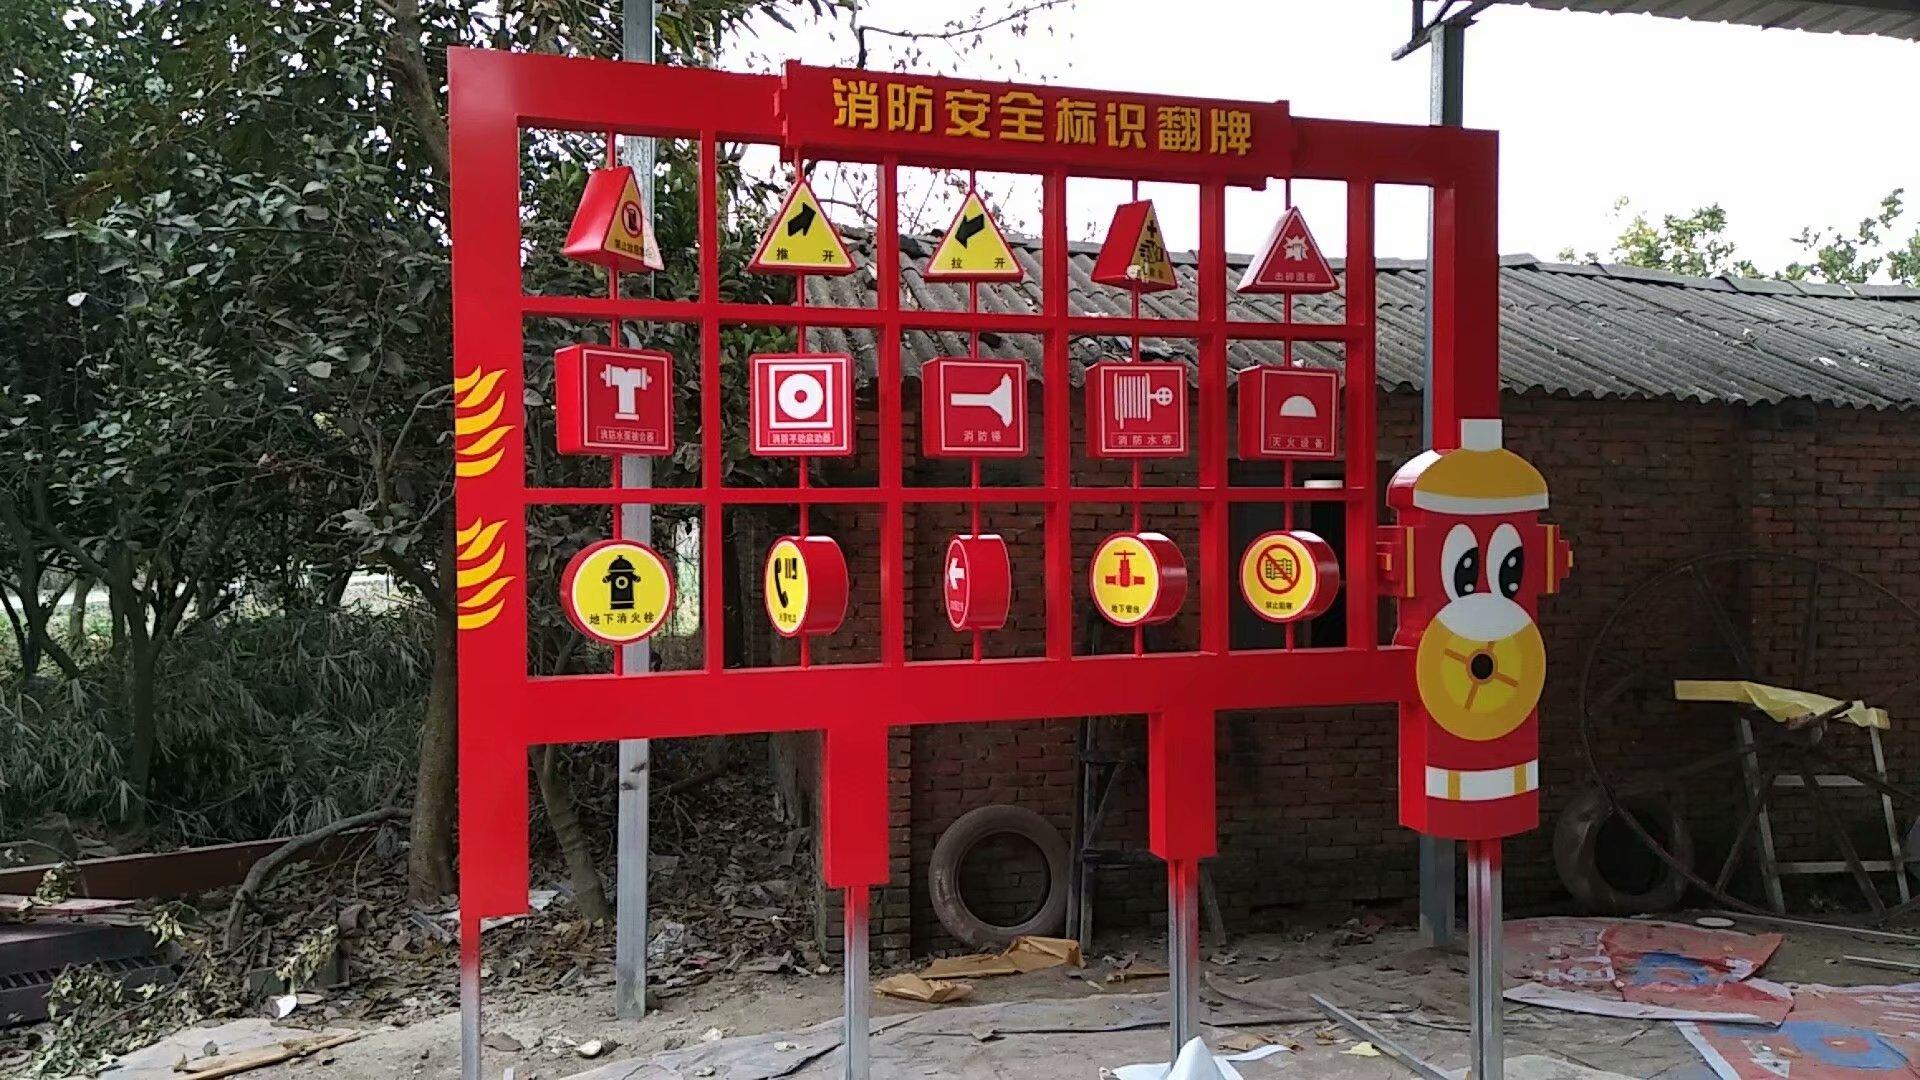 旅遊景區標識係統